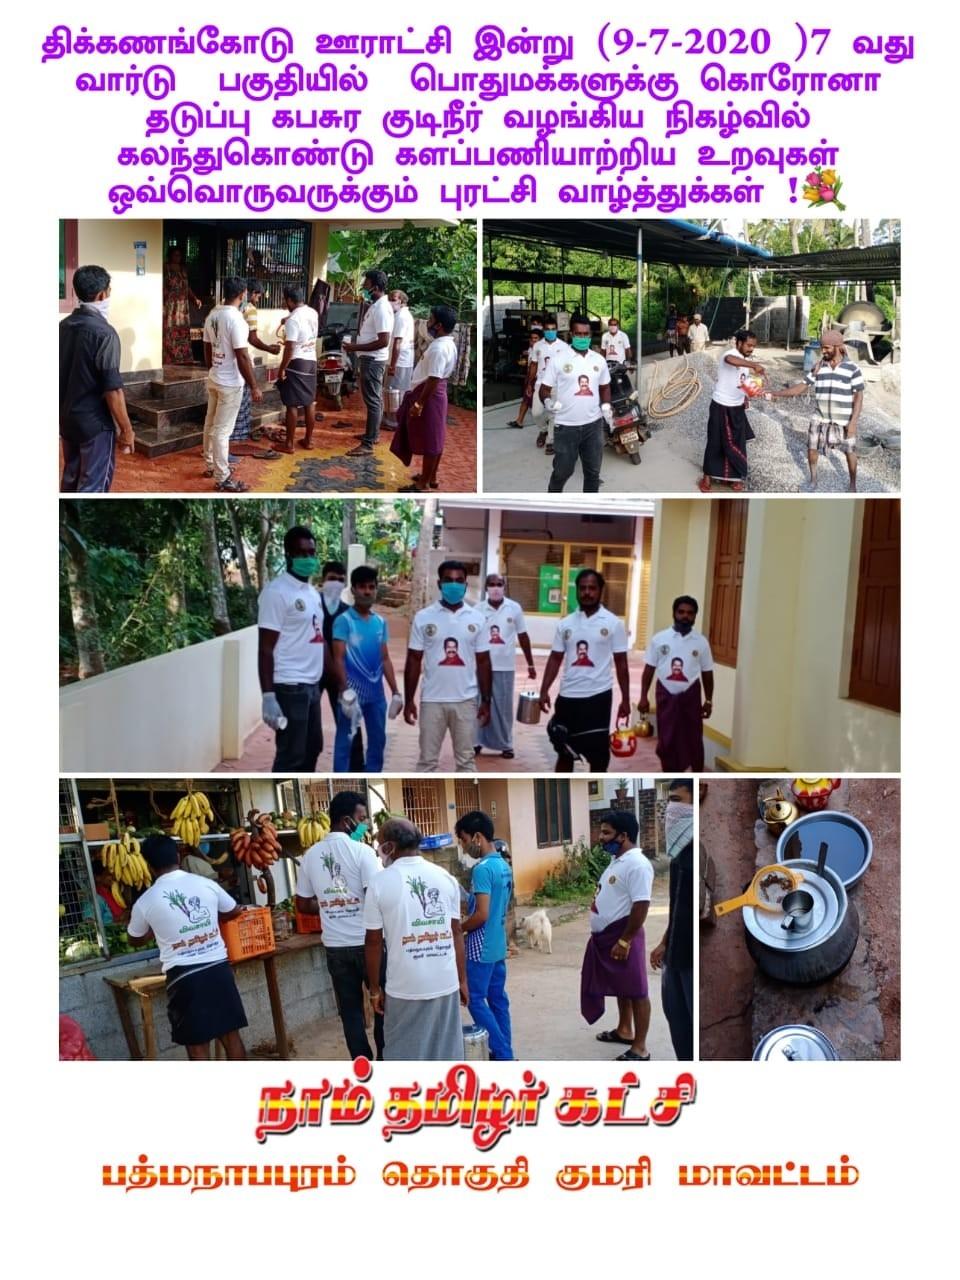 கபசுர குடிநீர் வழங்கும் நிகழ்வு - பத்மநாபபுரம்